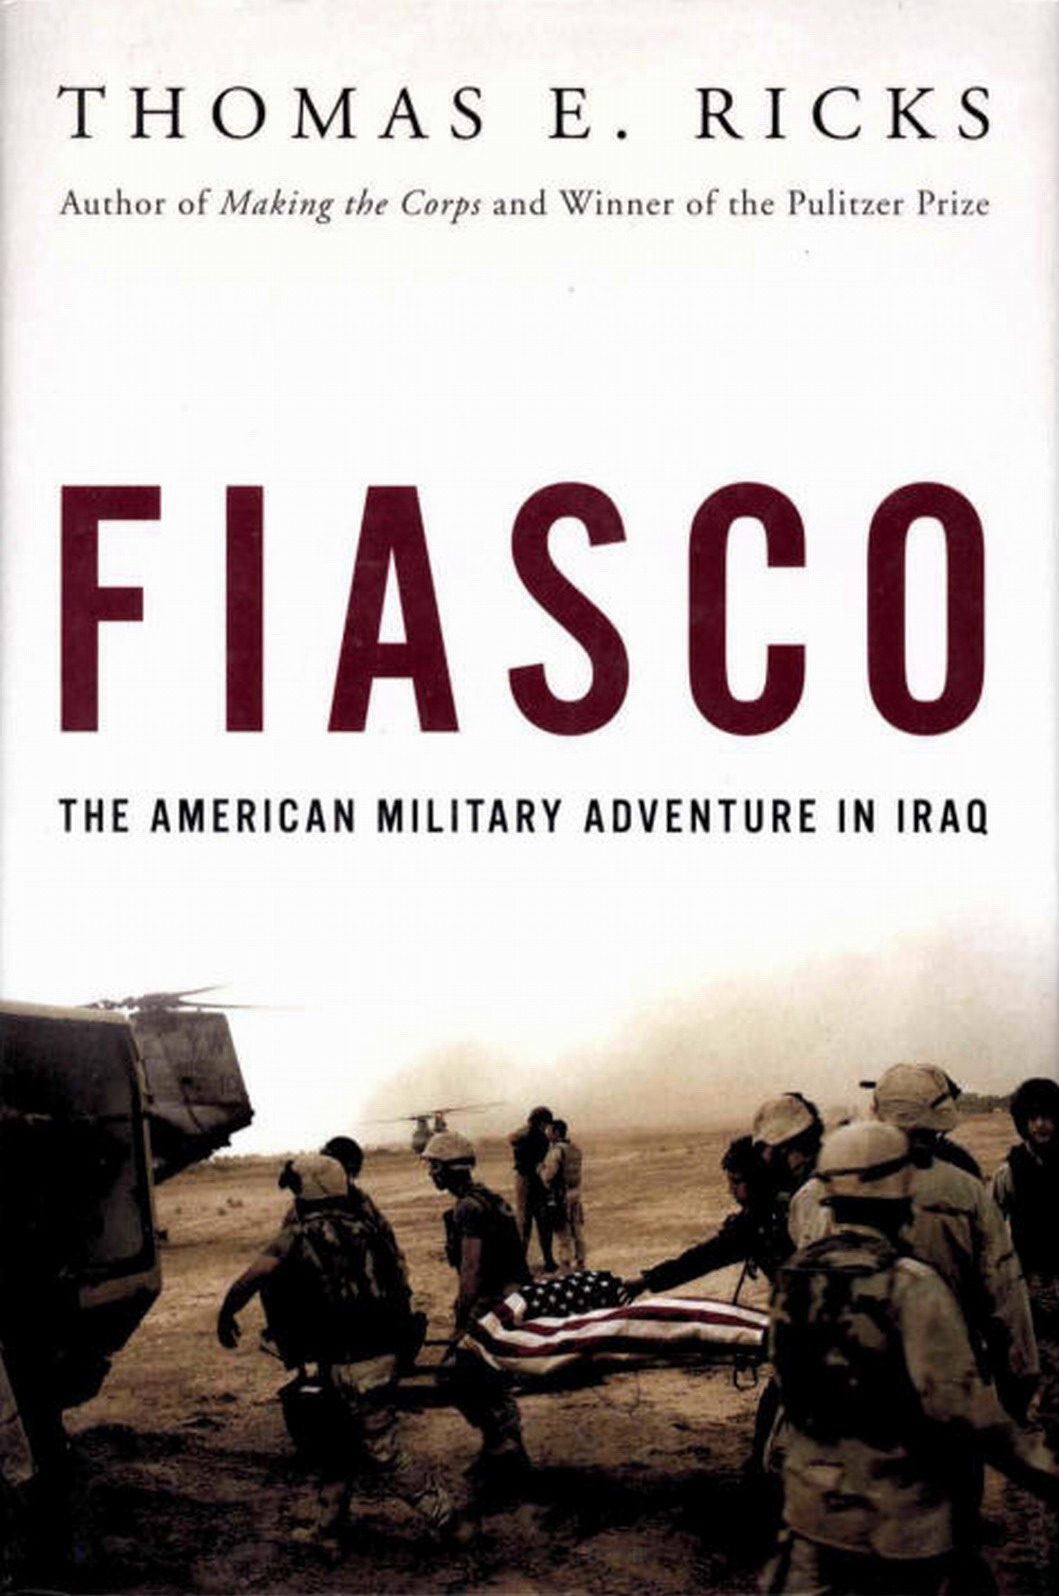 Fiasco: The American Military Adventure in Iraq Thomas E. Ricks